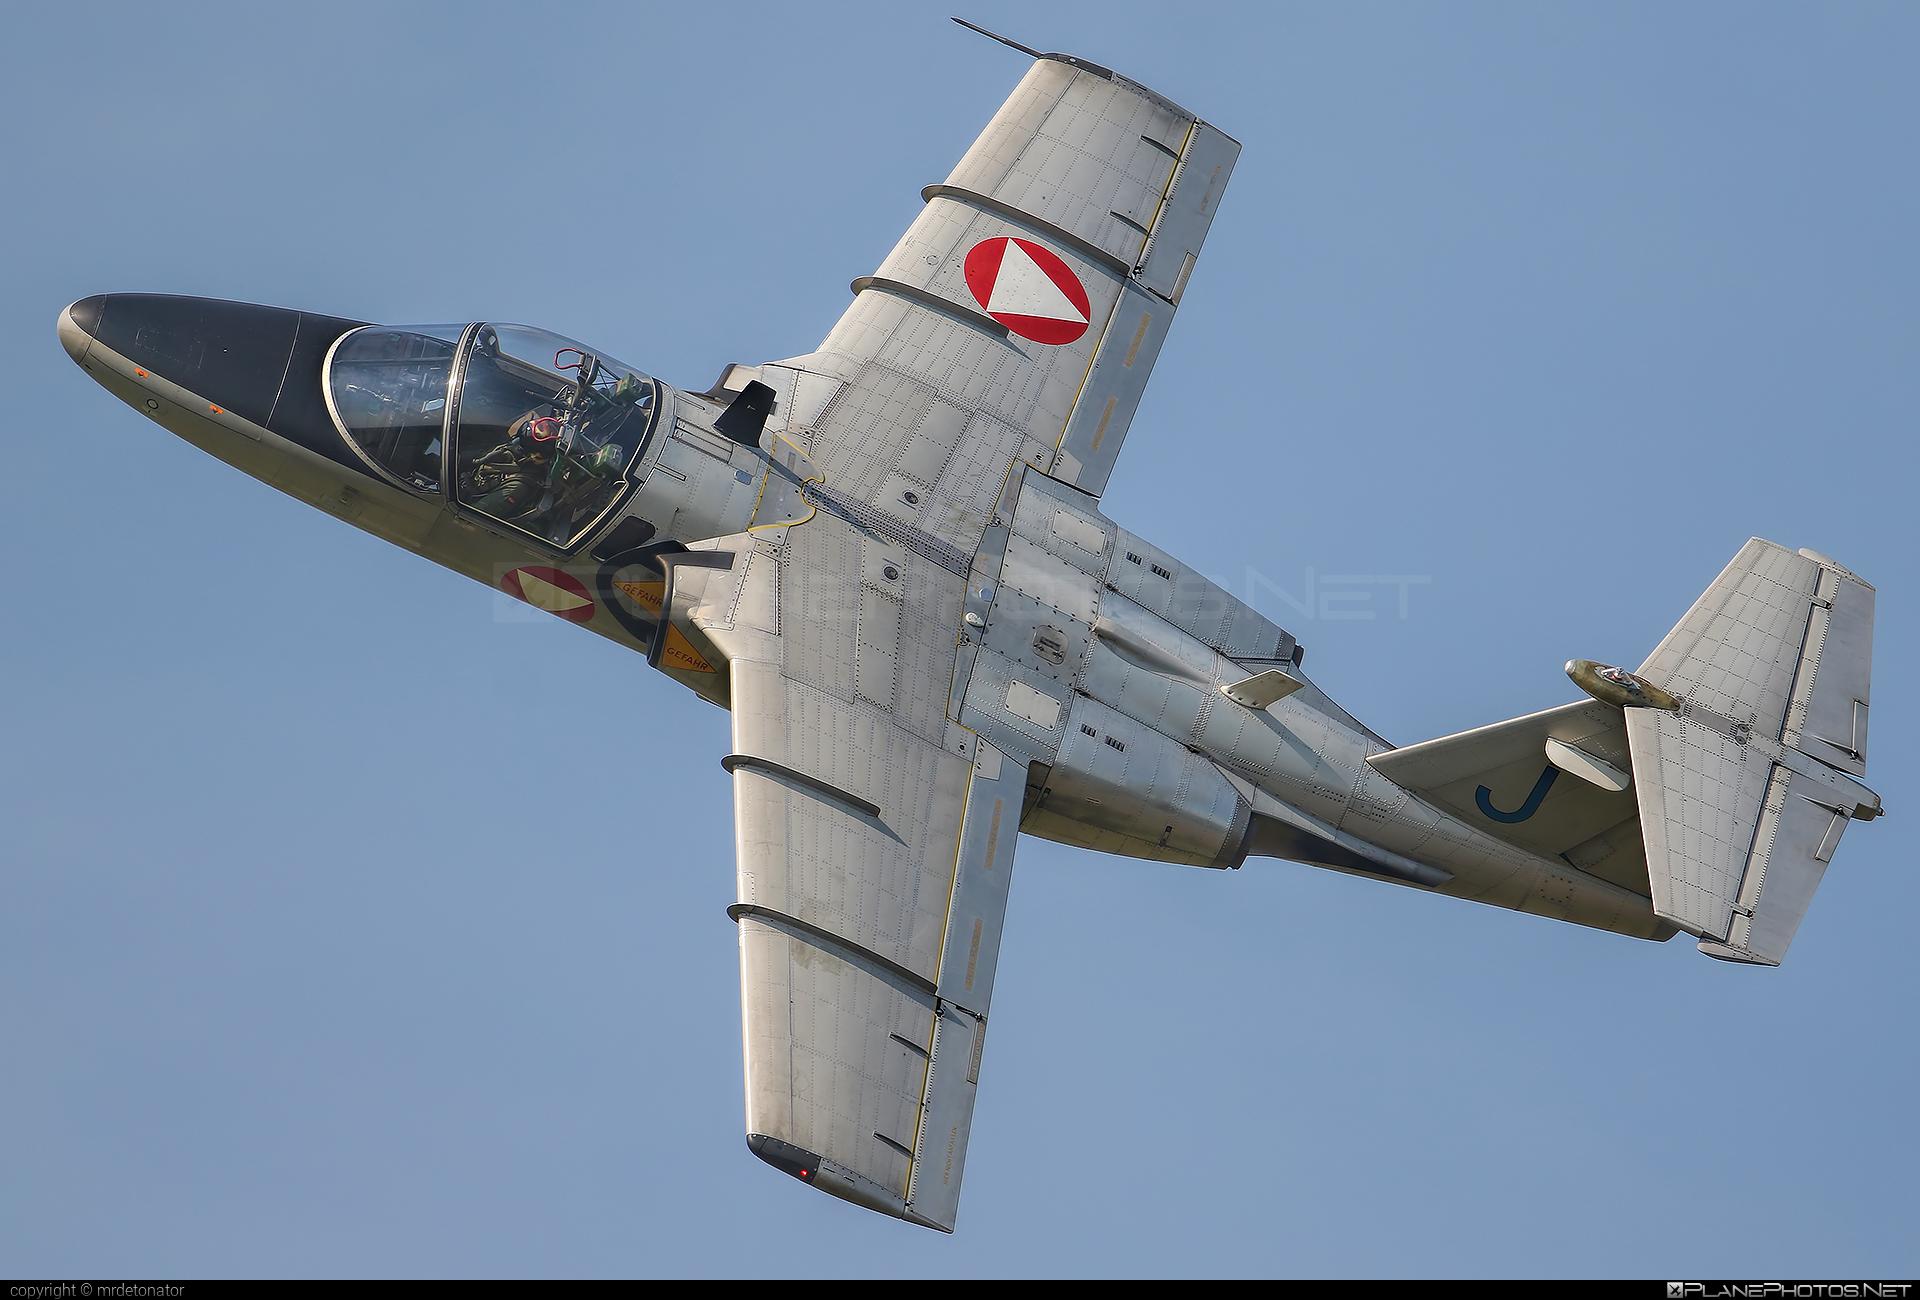 Österreichische Luftstreitkräfte (Austrian Air Force) Saab 105OE - RJ-30 #austrianairforce #radomairshow2018 #saab